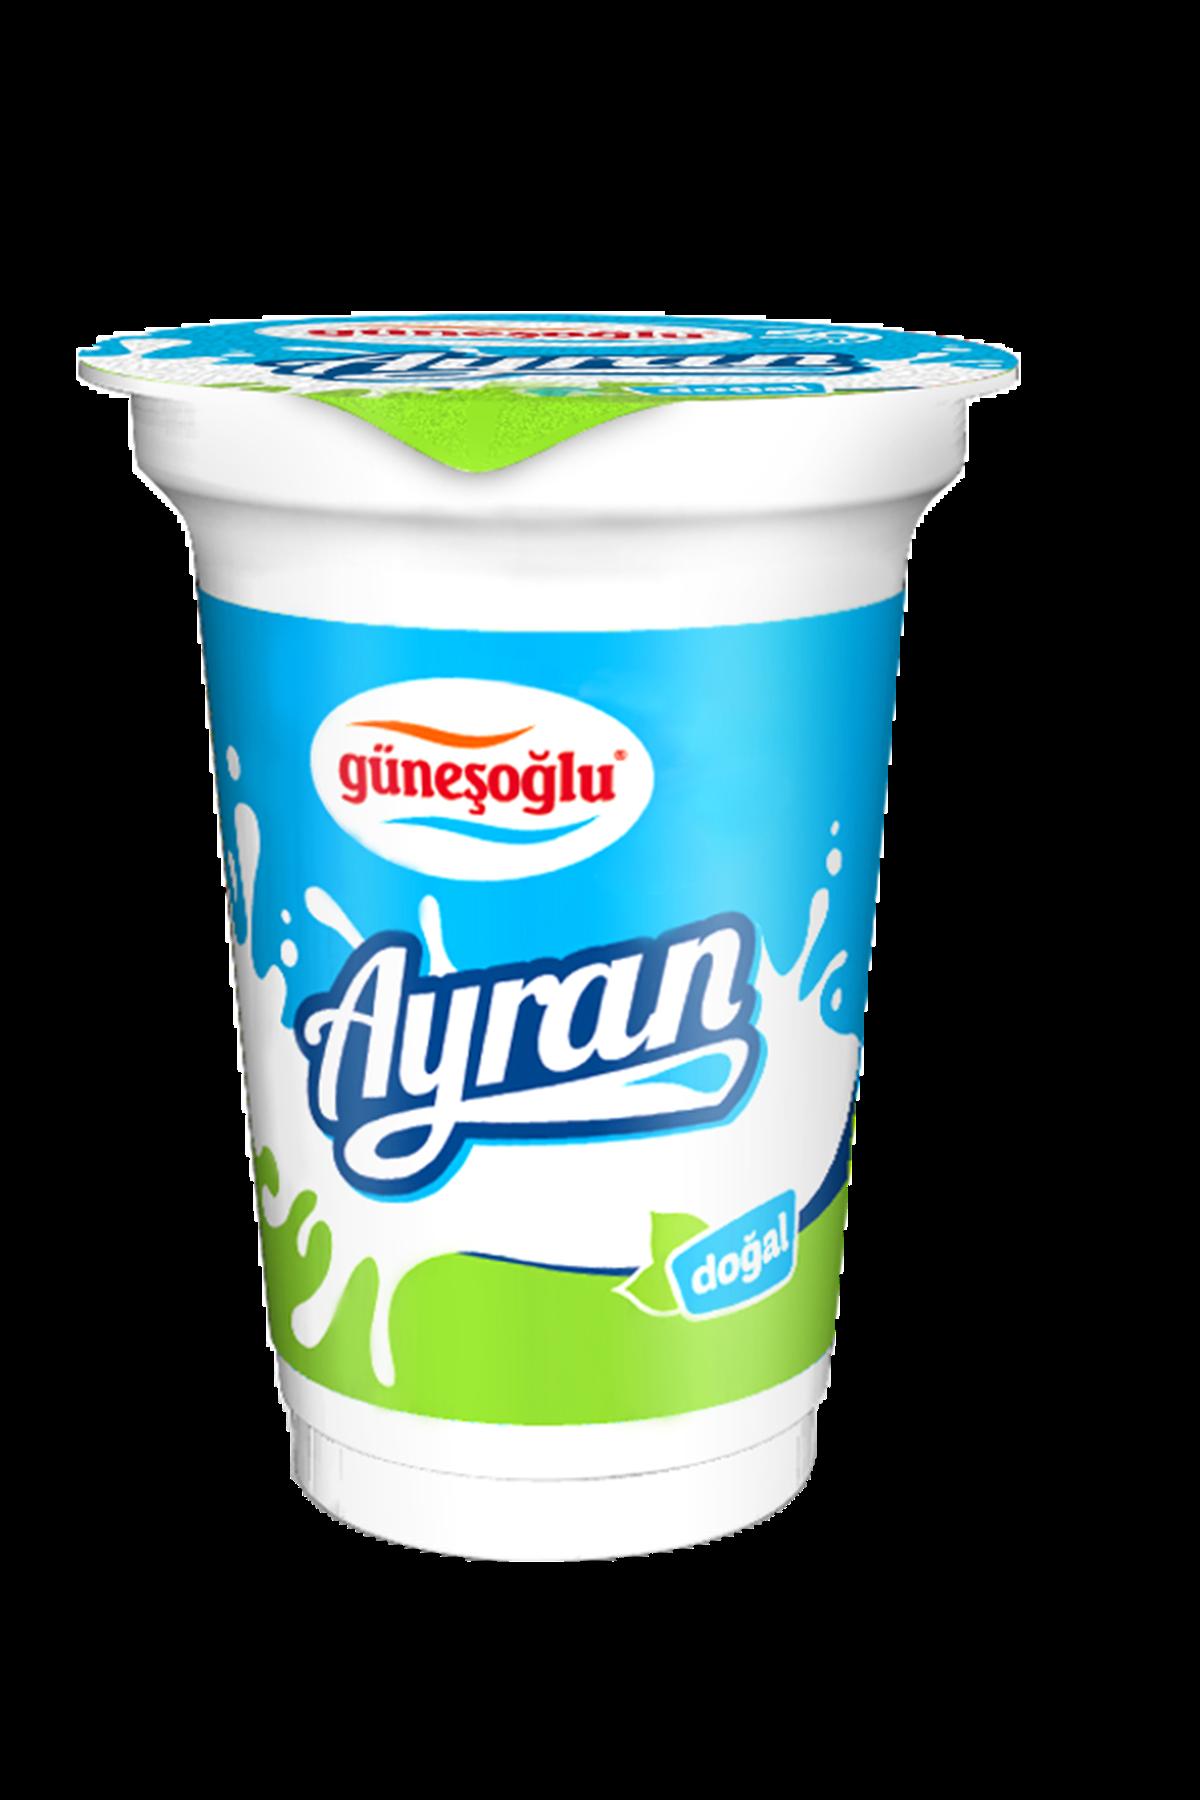 KUCUK AYRAN - 180 ml